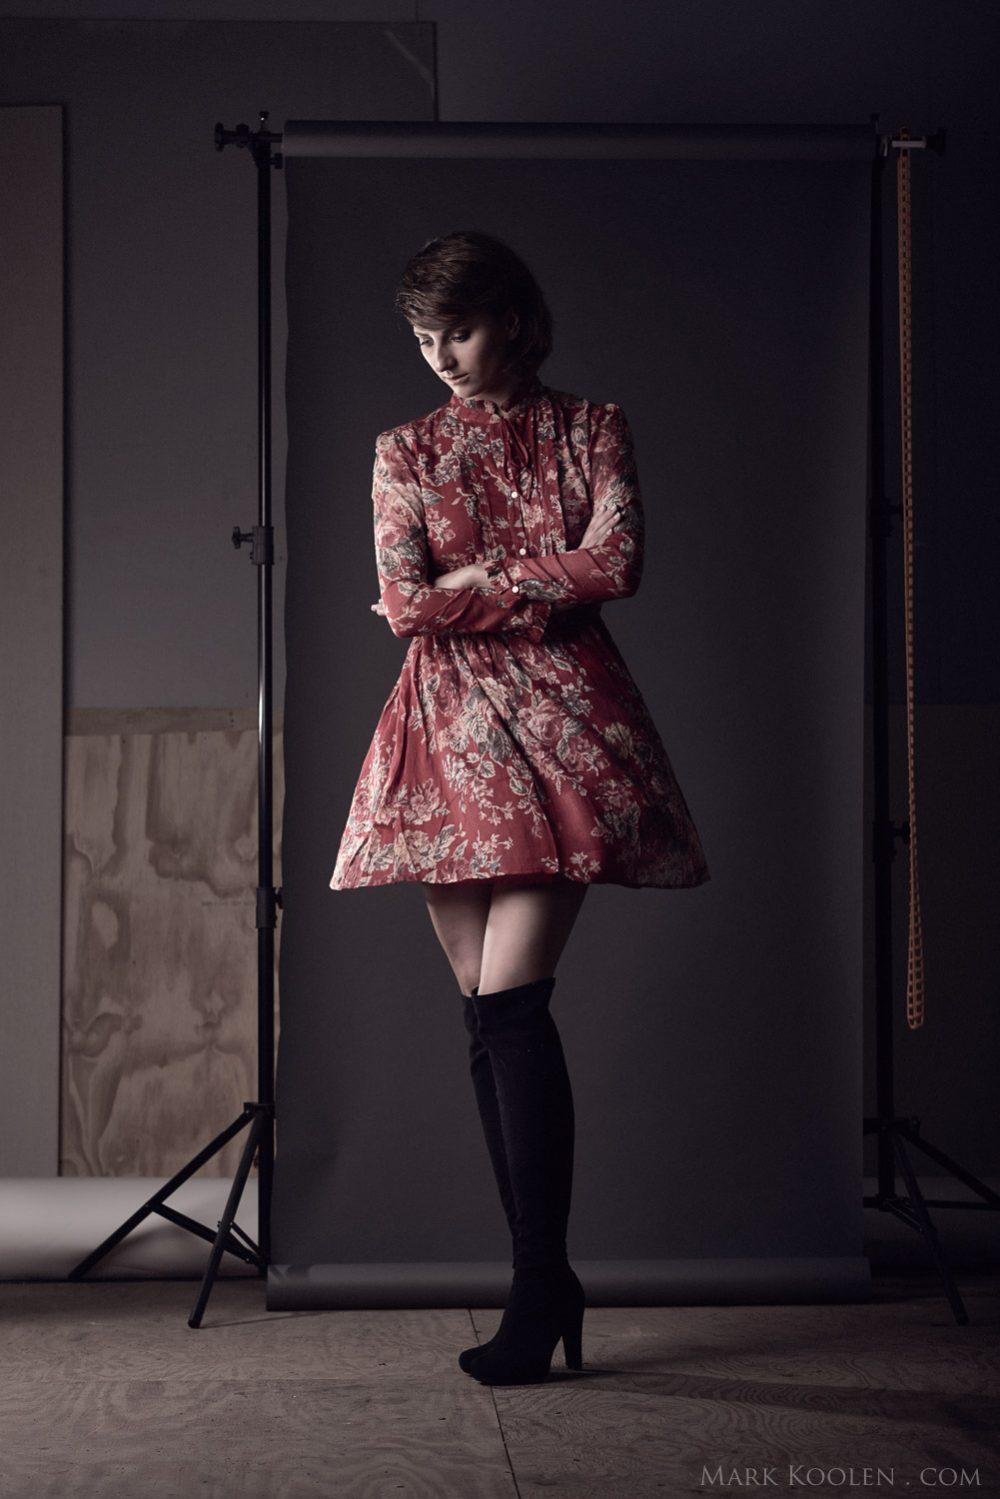 Sfeerfotos modefotografie met Ralph Lauren denim and supply door fotograaf Mark Koolen in Amsterdam